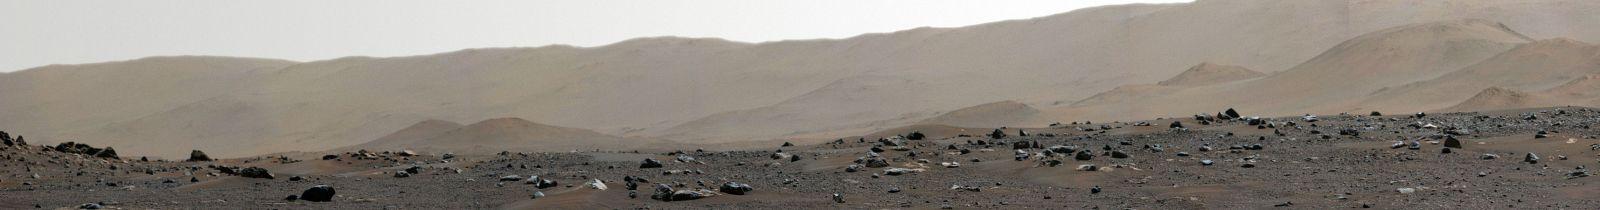 Сделанные марсоходом Perseverance снимки, фото: NASA